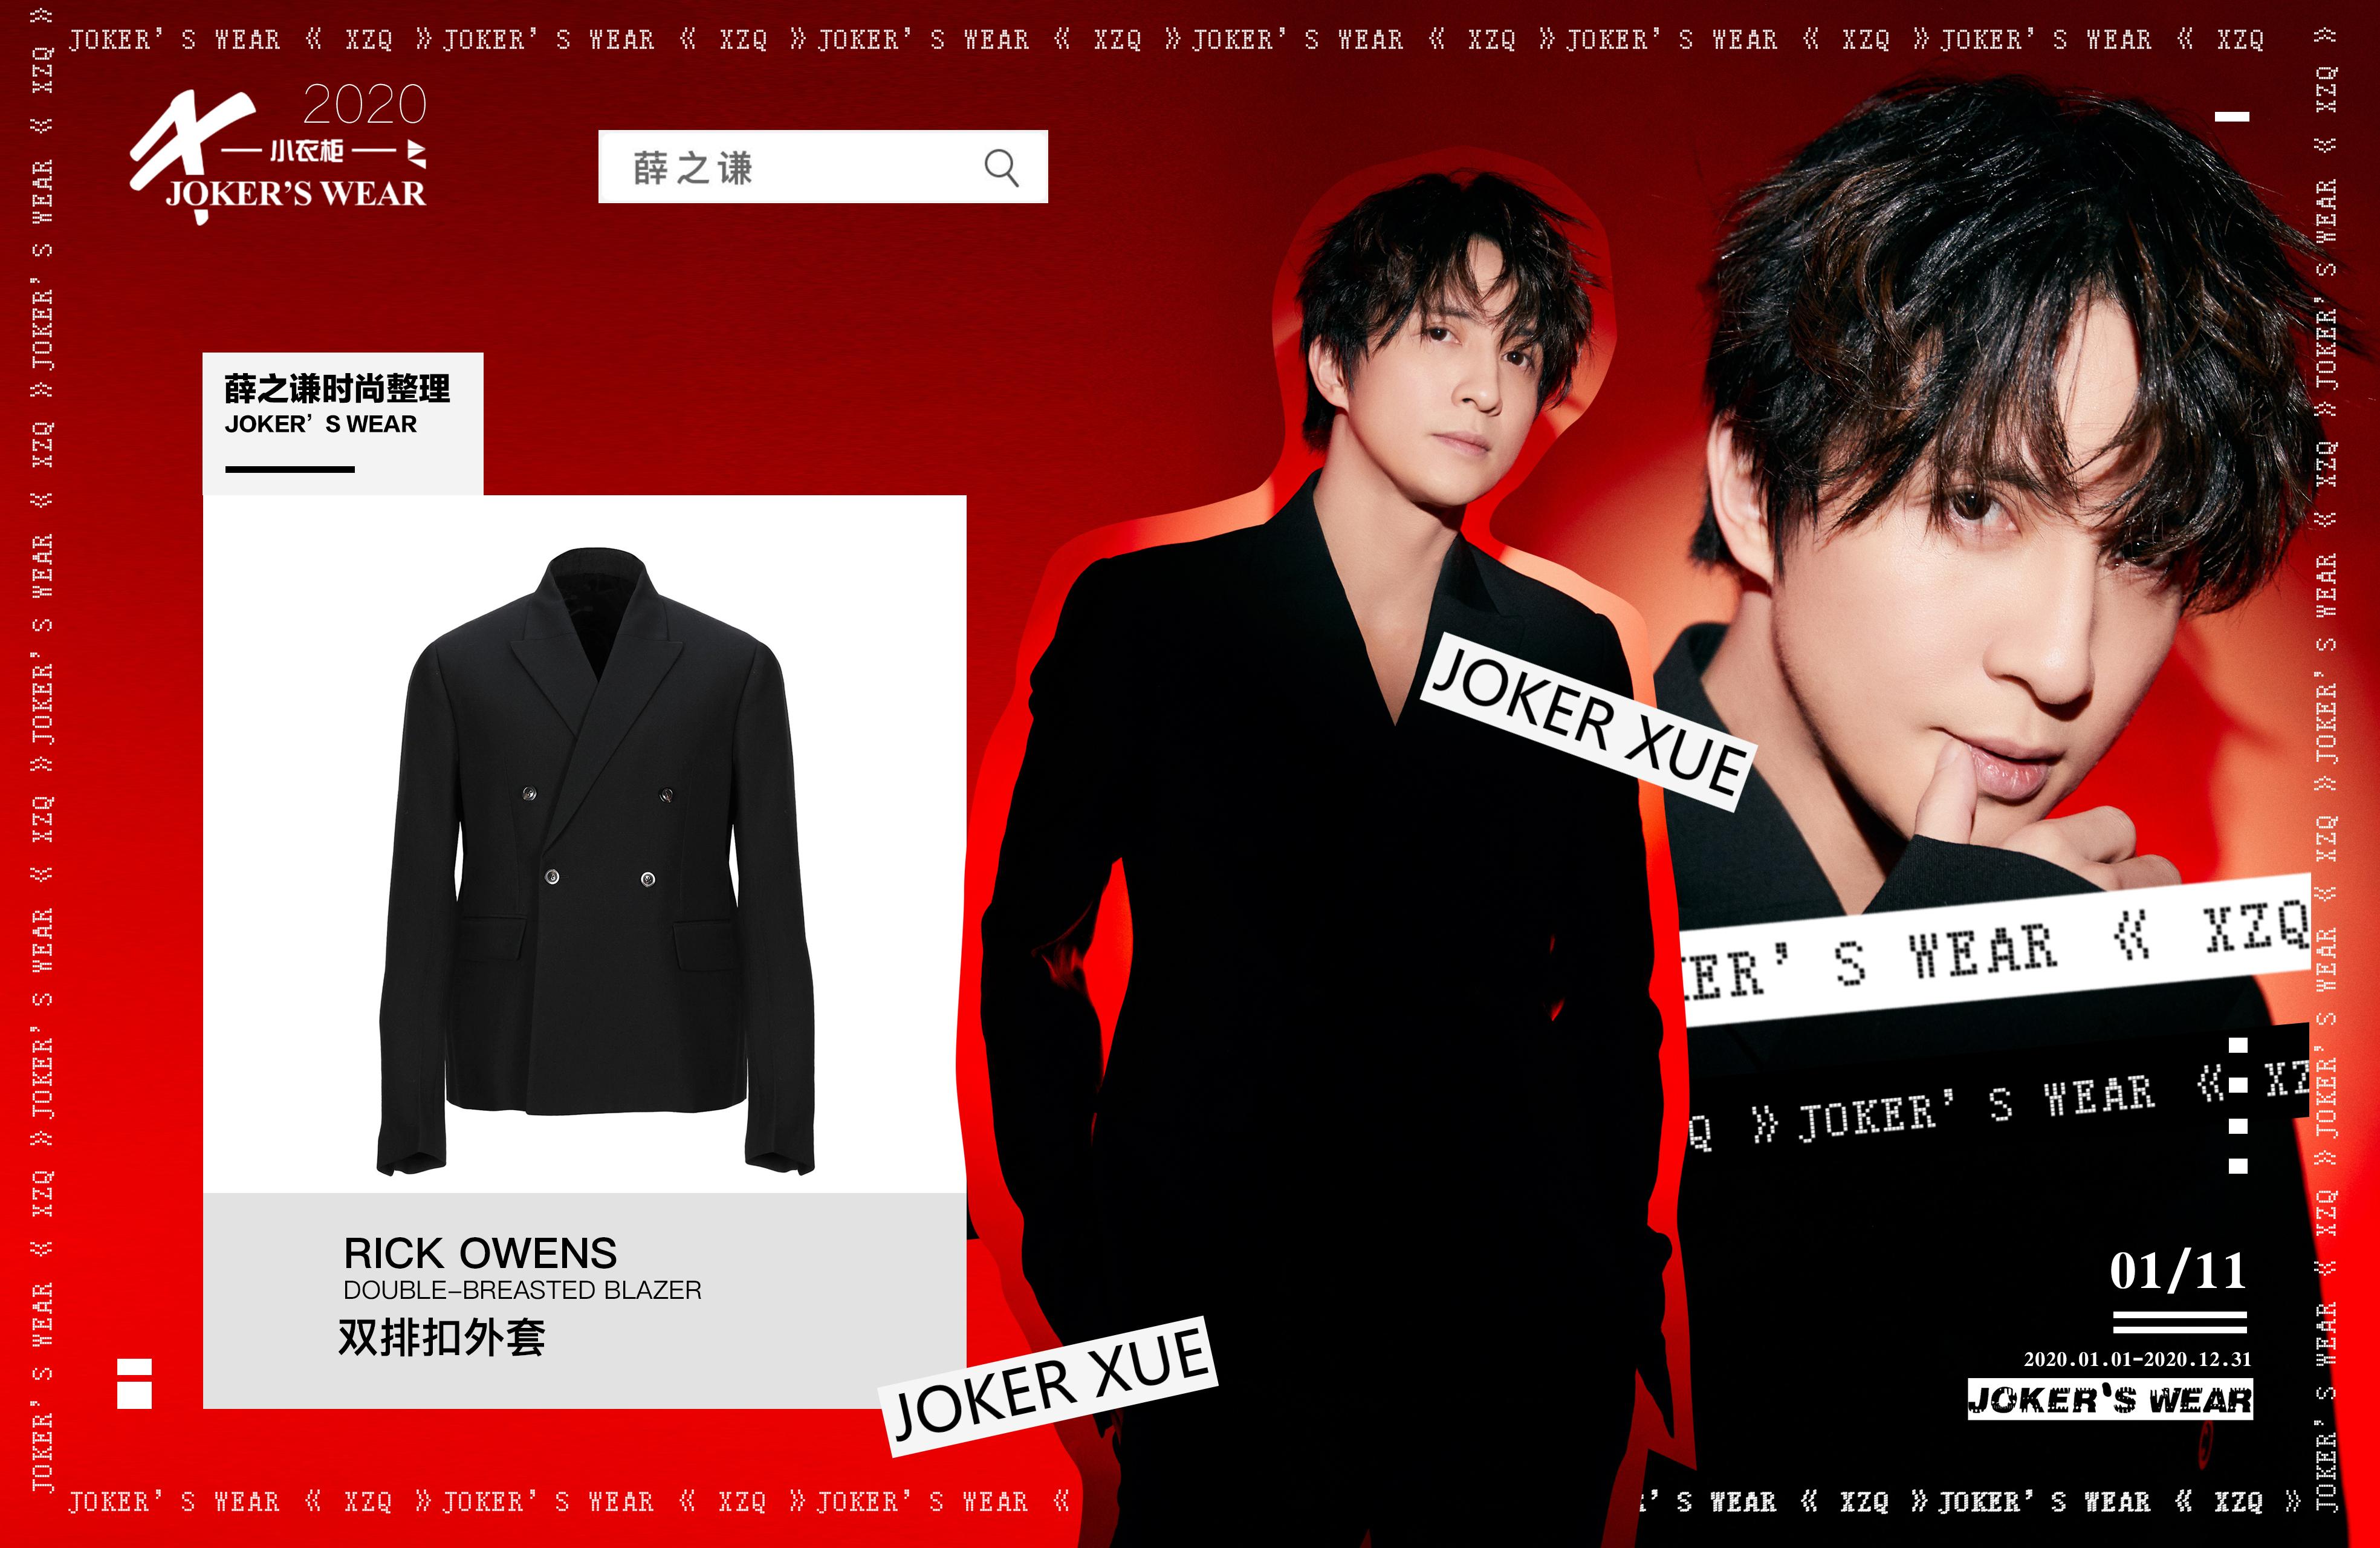 [薛之谦][新闻]200112 薛之谦微博之夜造型时尚科普 寒冷中冻得搓手手的酷boy